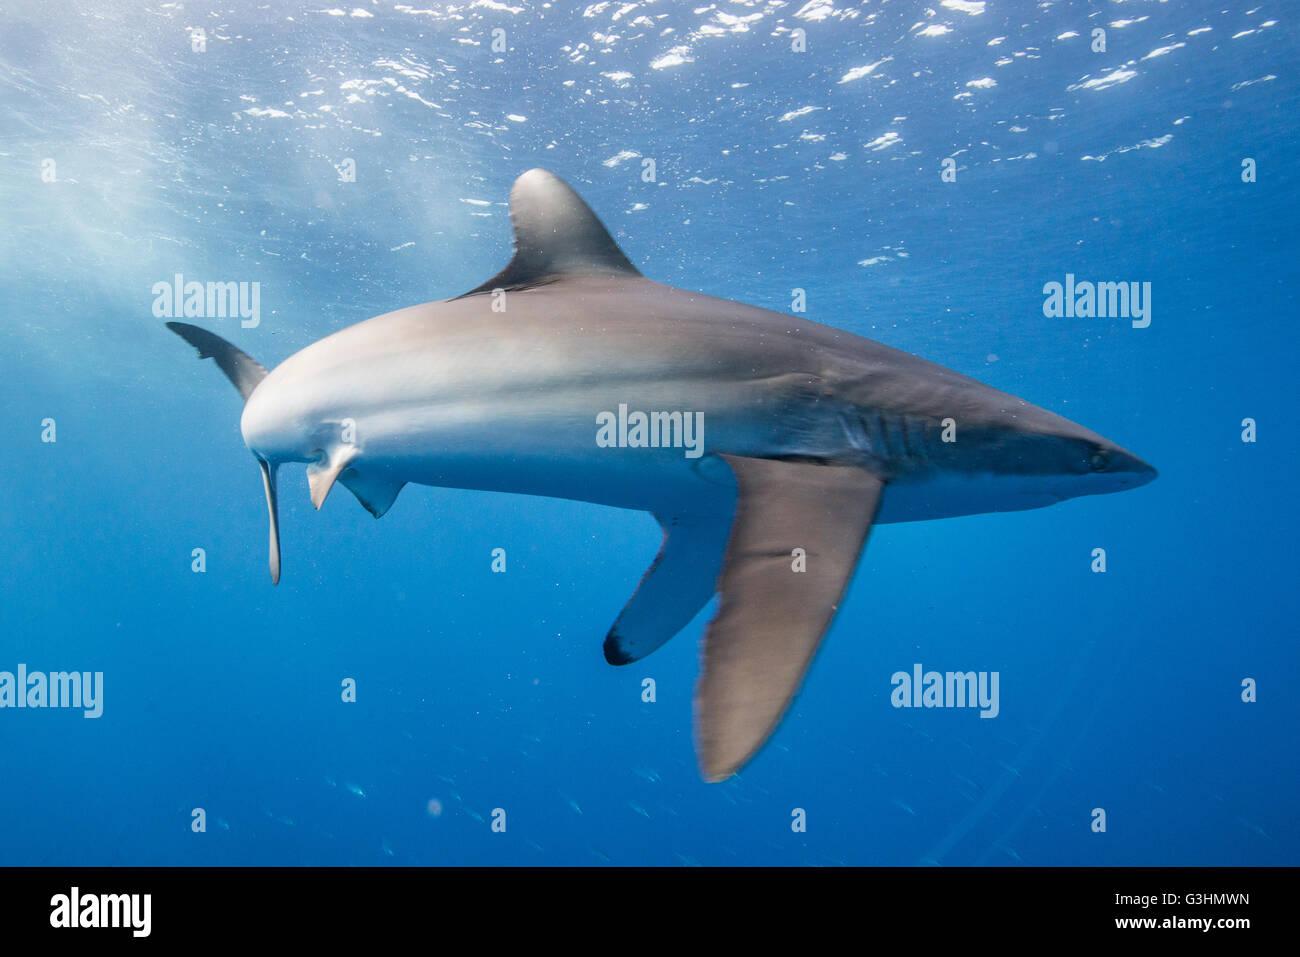 El tiburón sedoso (Carcharhinus falciformis) muestra comportamiento estresado: cuerpo arqueado y aletas pectorales apuntando hacia abajo. Este estado puede ser observado mientras caza, San Benedicto, Colima, México Foto de stock